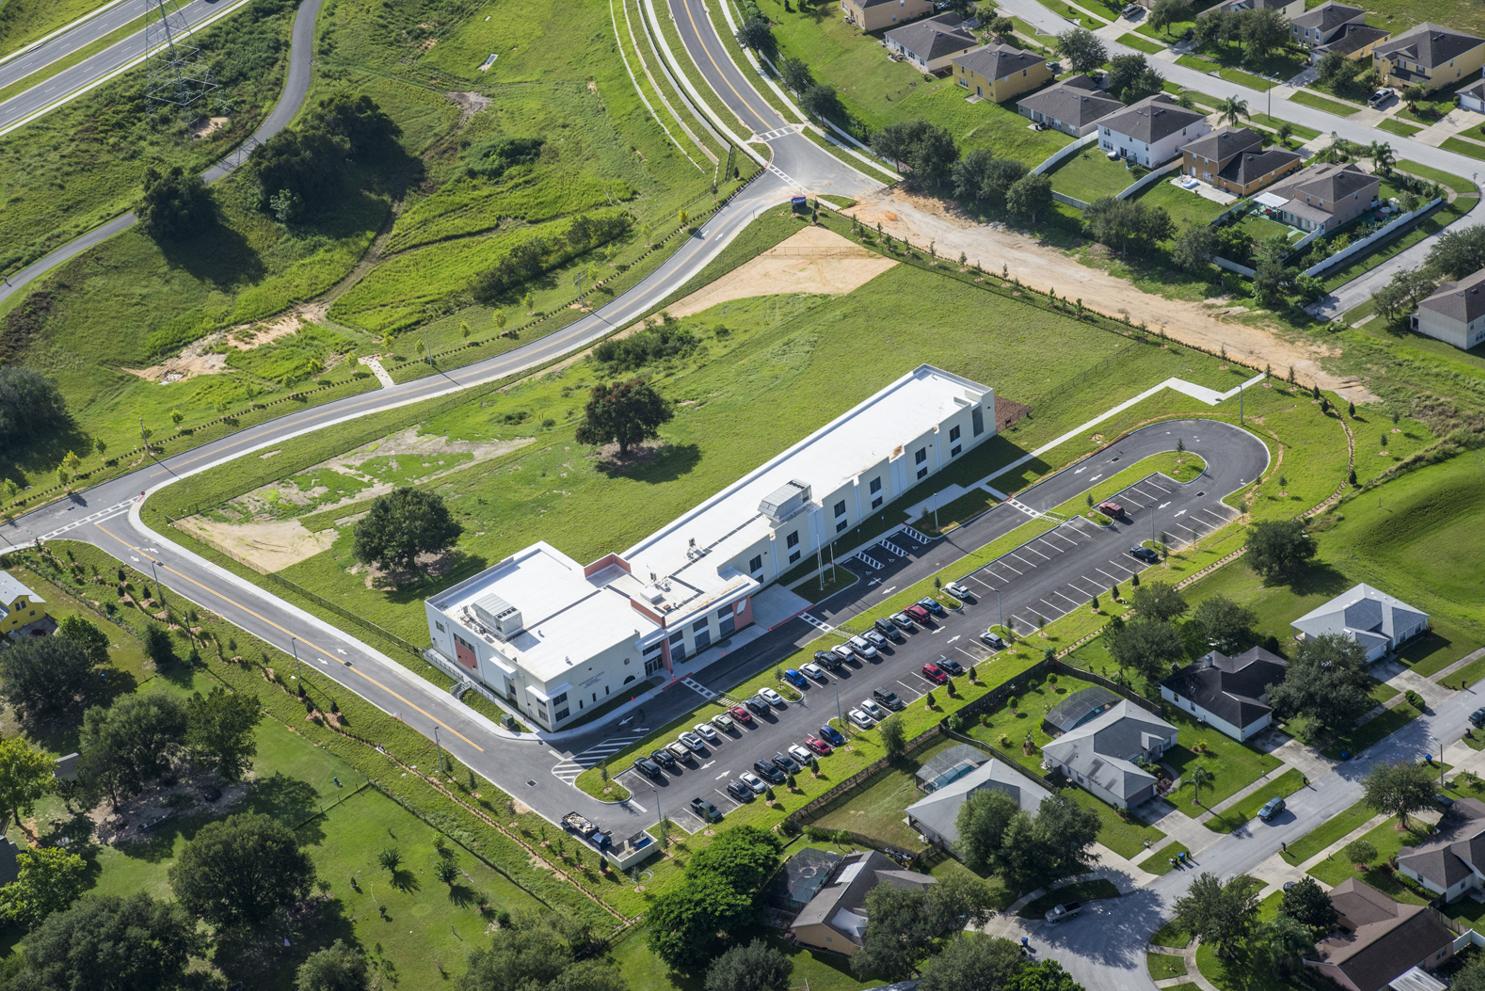 Dự Án Charter School Hoàn Tất Thành Công Dự Án Giai Đoạn 1